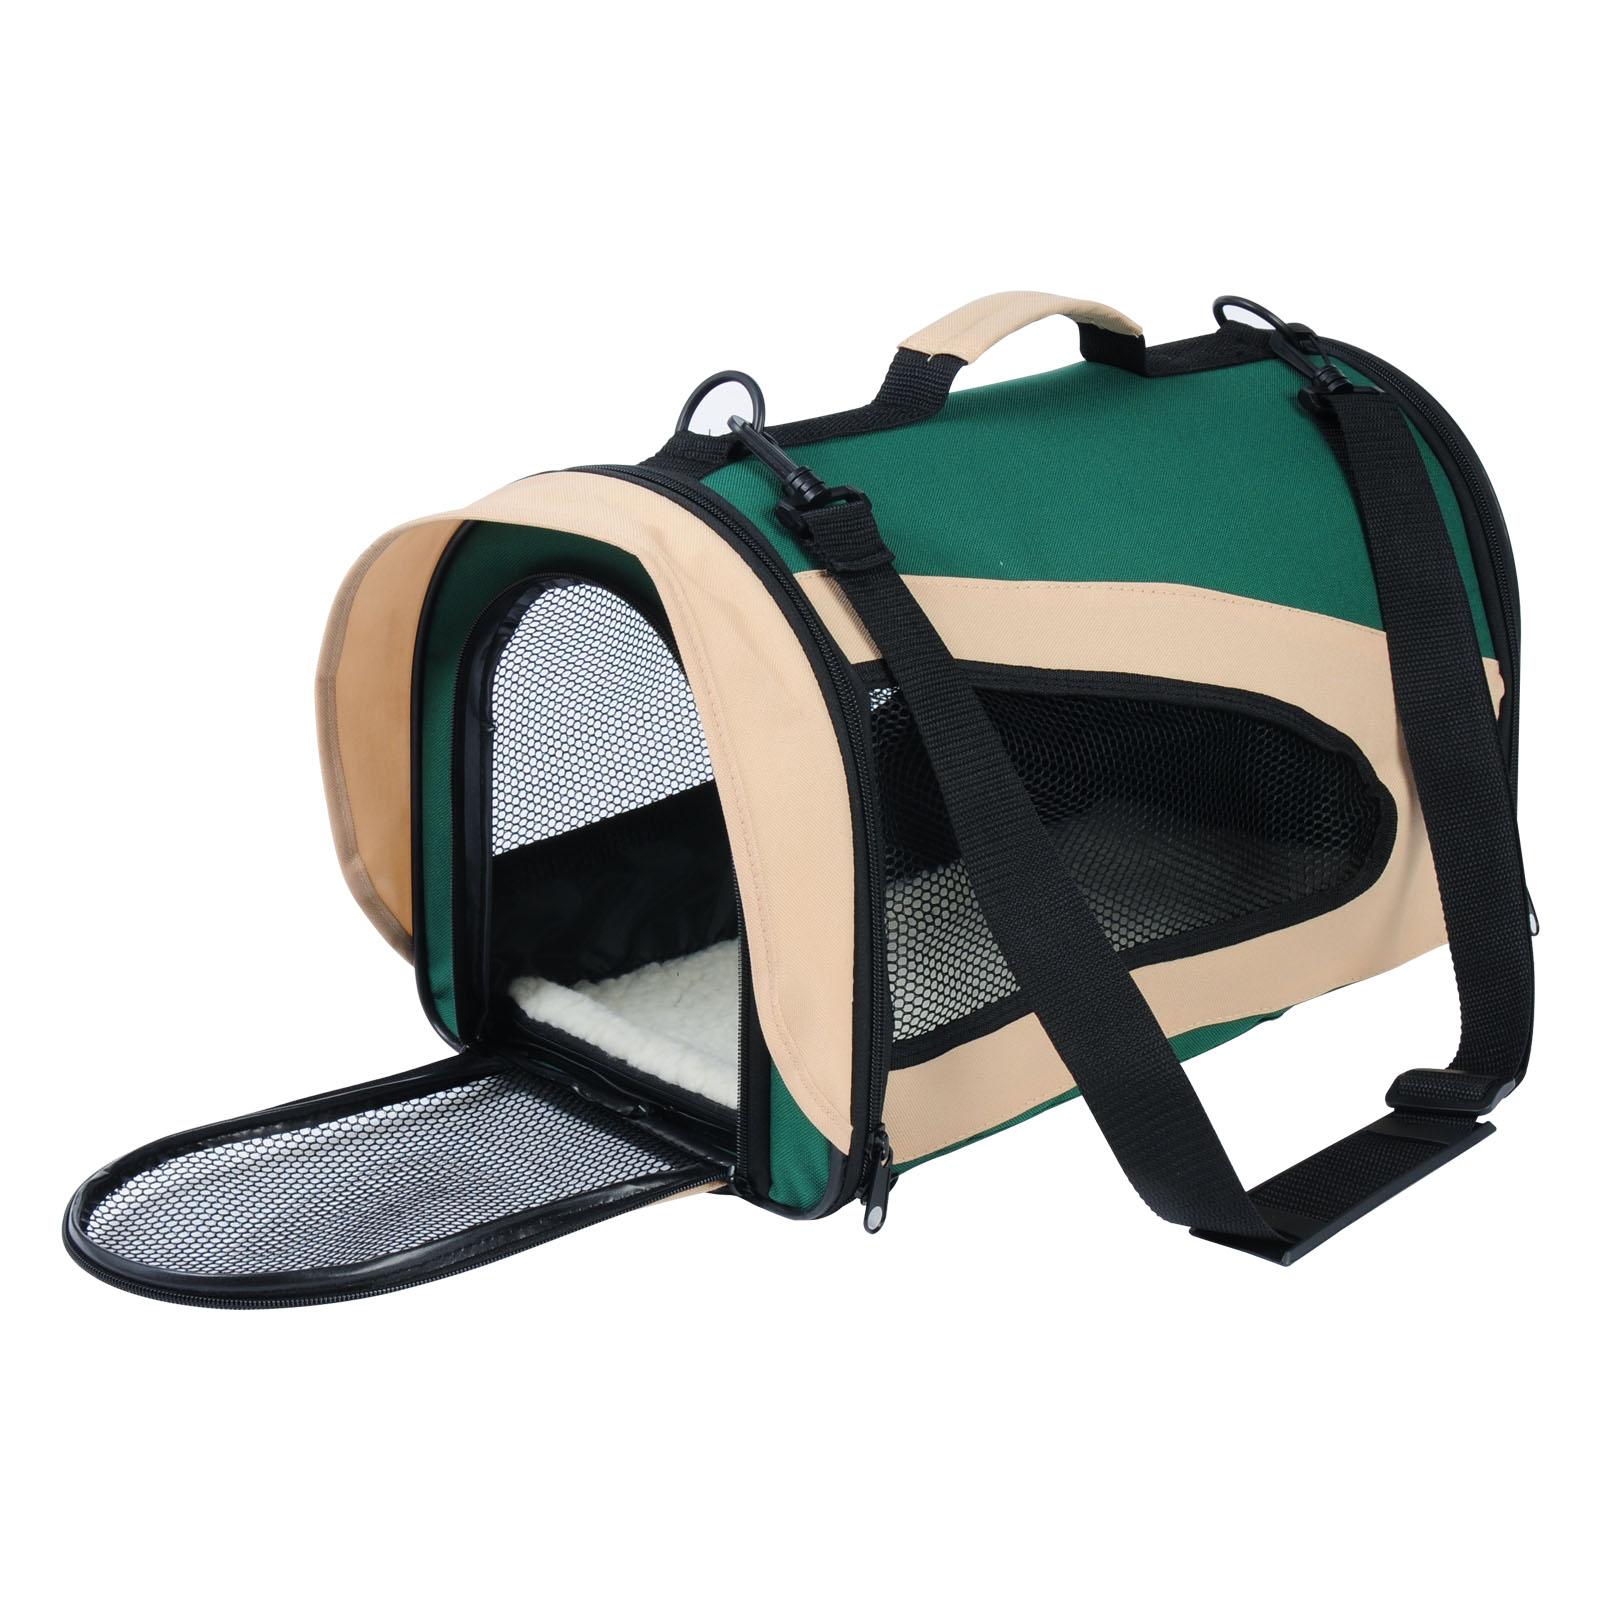 sac de transport pour chien caisse de transport pliable pour chien chat f217 ebay. Black Bedroom Furniture Sets. Home Design Ideas